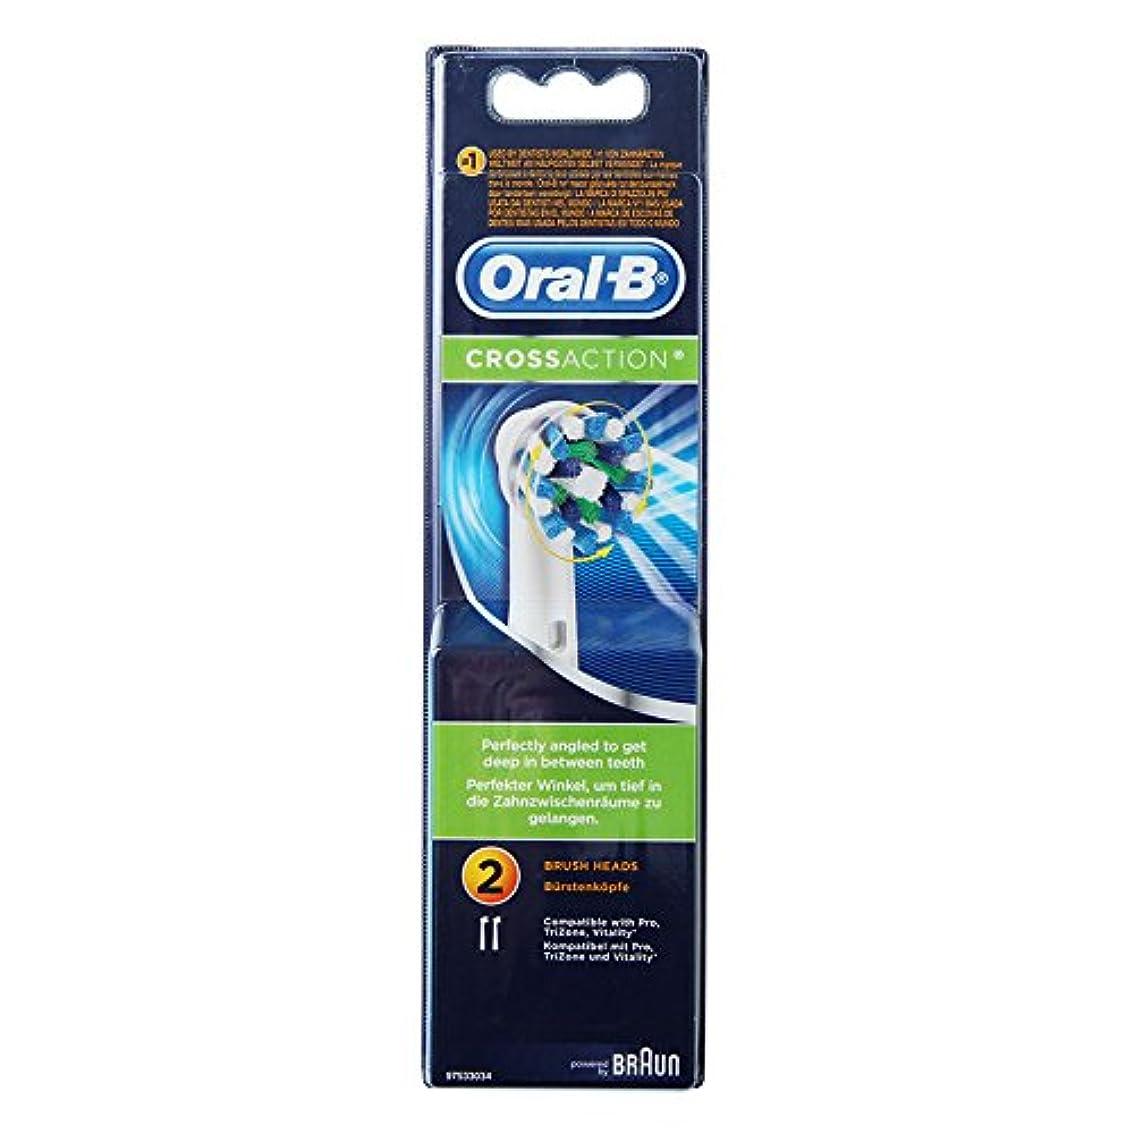 調停するショートカットタイマーBraun Oral-B EB50-2 Oral-B CrossAction 歯ブラシ交換用ブラシヘッド 1Pack [並行輸入品]